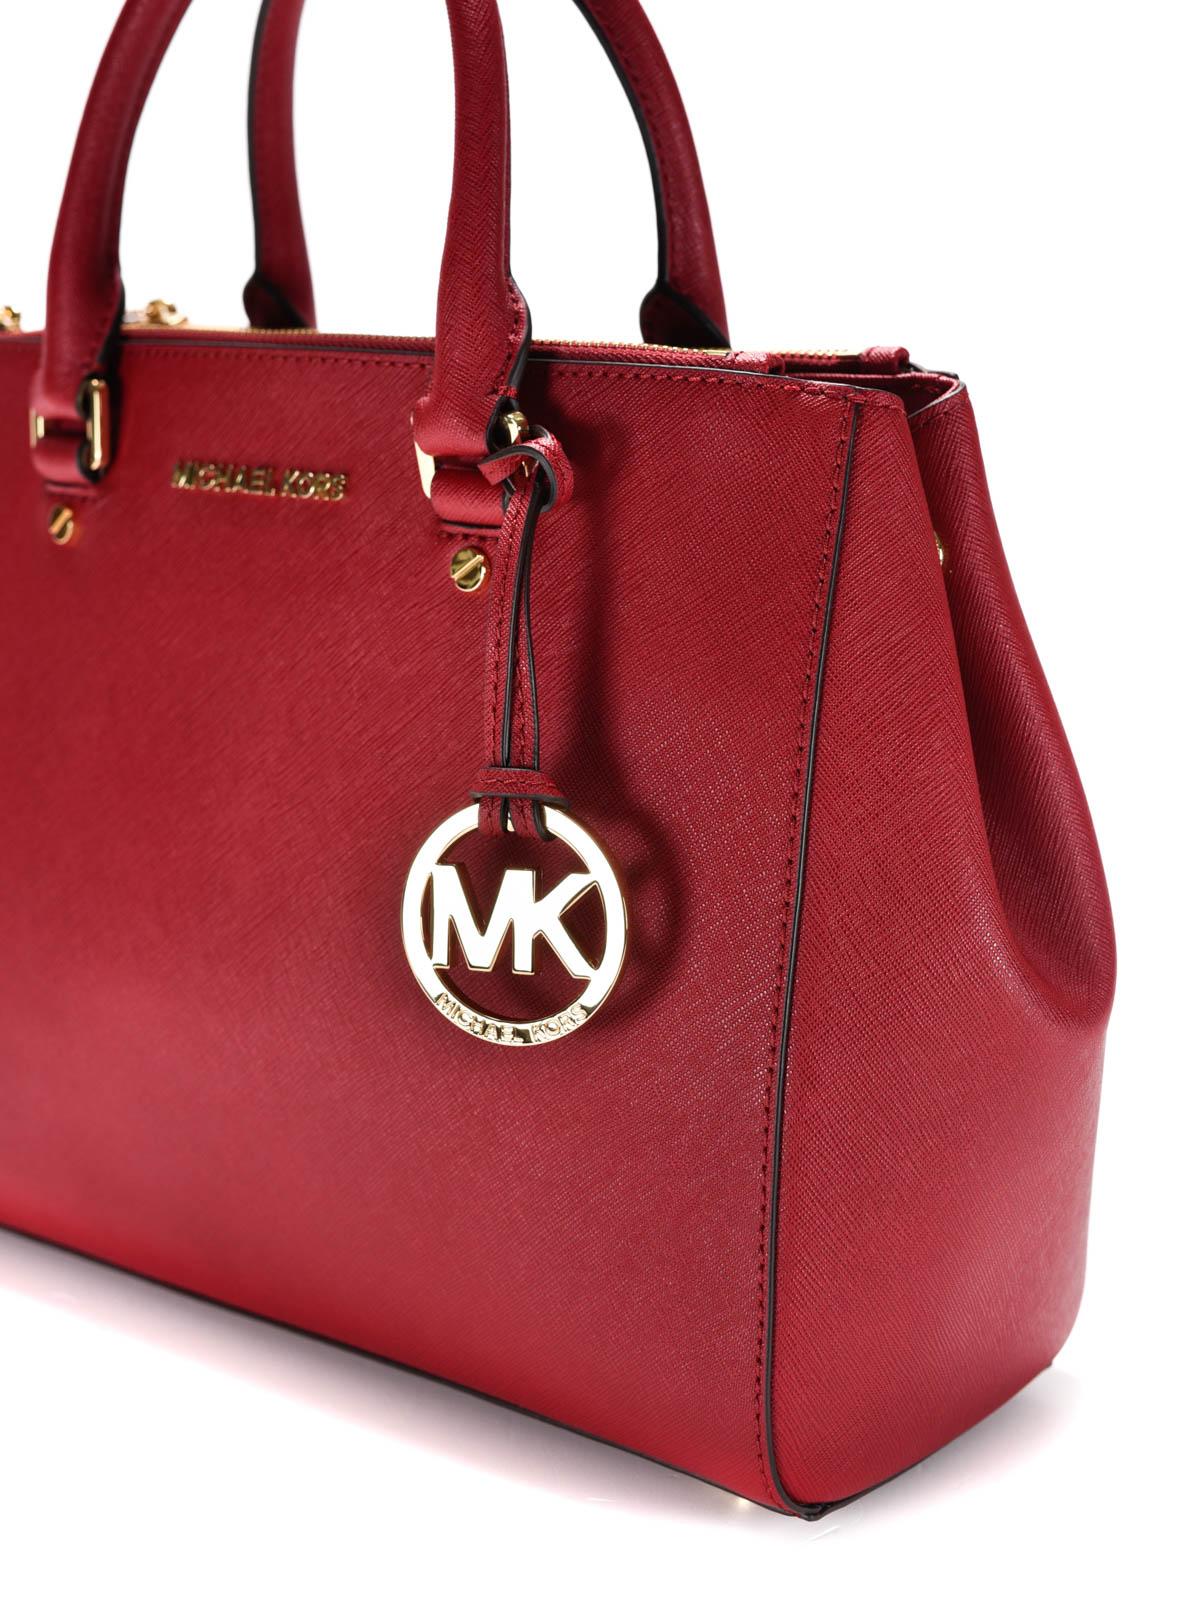 a730b3c86ec4 Sutton Saffiano leather large tote shop online: MICHAEL KORS · MICHAEL KORS:  totes bags ...